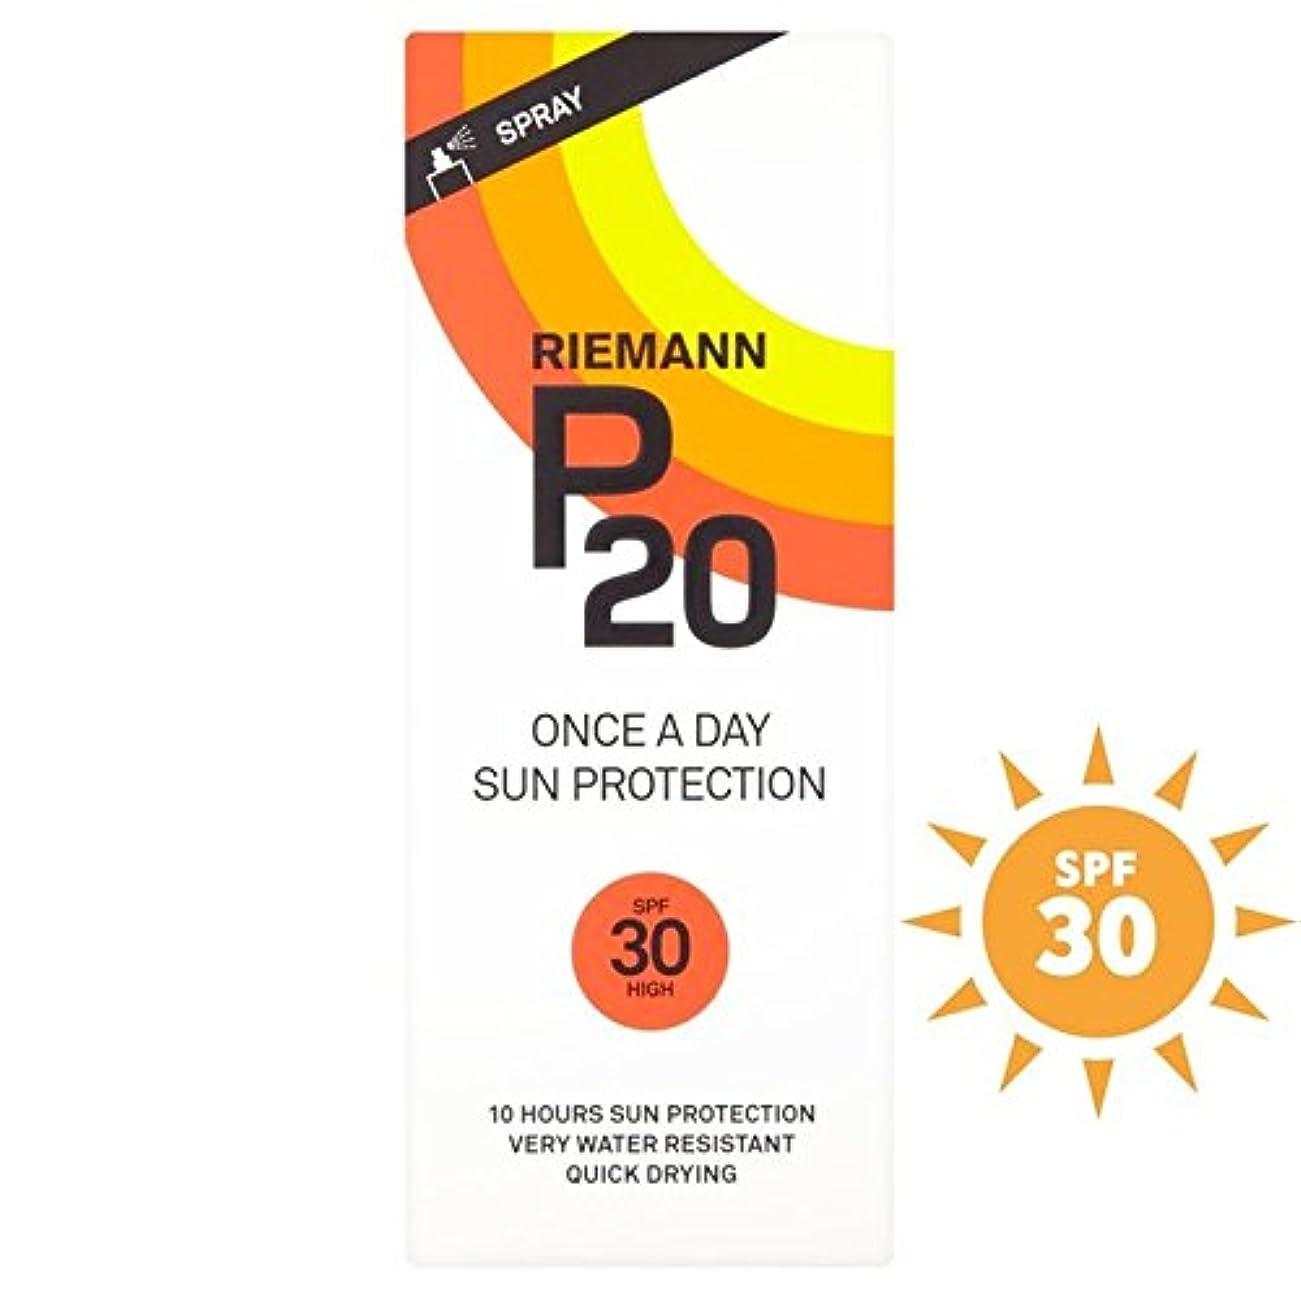 シャーロットブロンテせがむスラックリーマン20 30 1日/ 10時間の保護200ミリリットル x4 - Riemann P20 SPF30 1 Day/10 Hour Protection 200ml (Pack of 4) [並行輸入品]